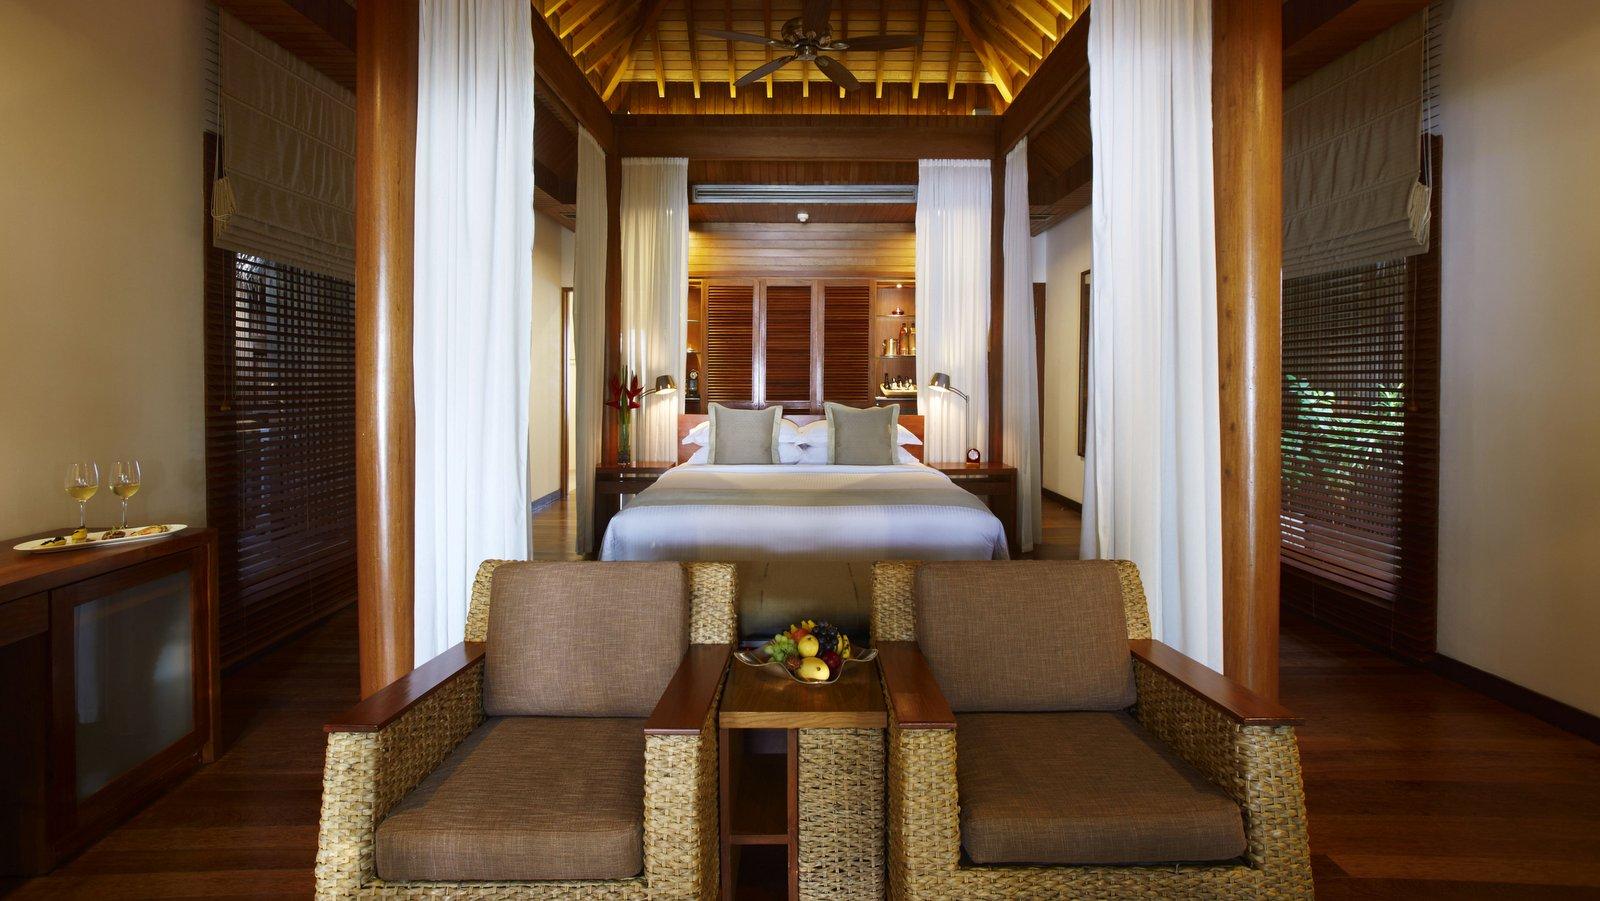 Мальдивы, отель Baros Maldives, номер Baros Villa